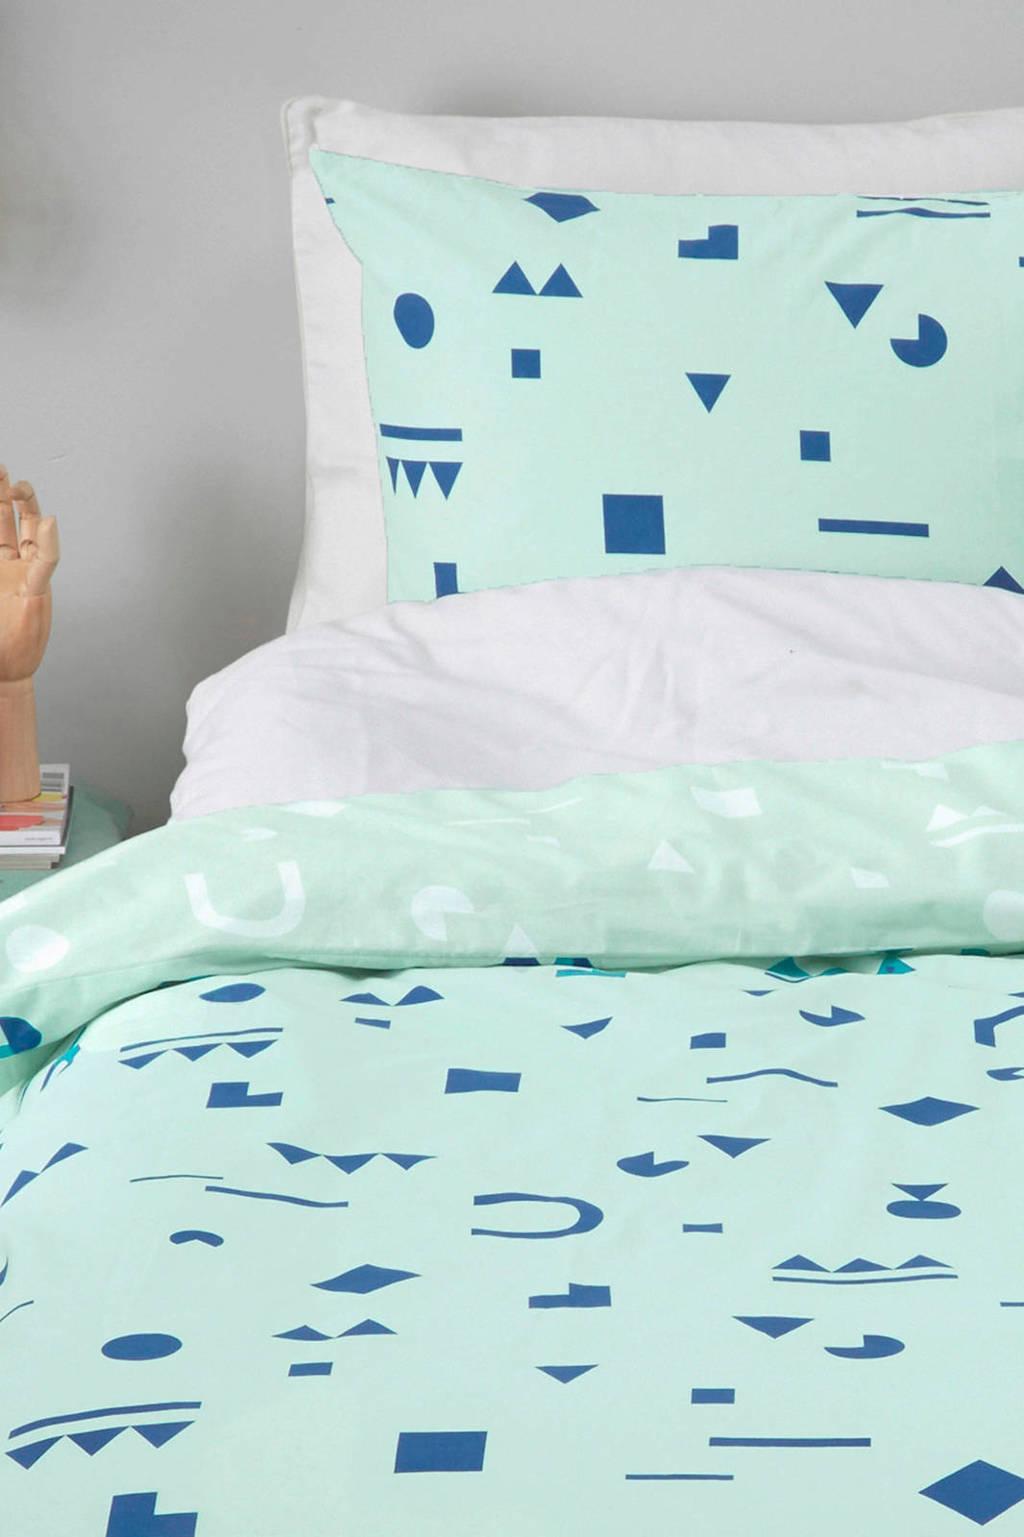 whkmp's own katoenen dekbedovertrek 2 persoons, 2 persoons (200 cm breed), Blauw